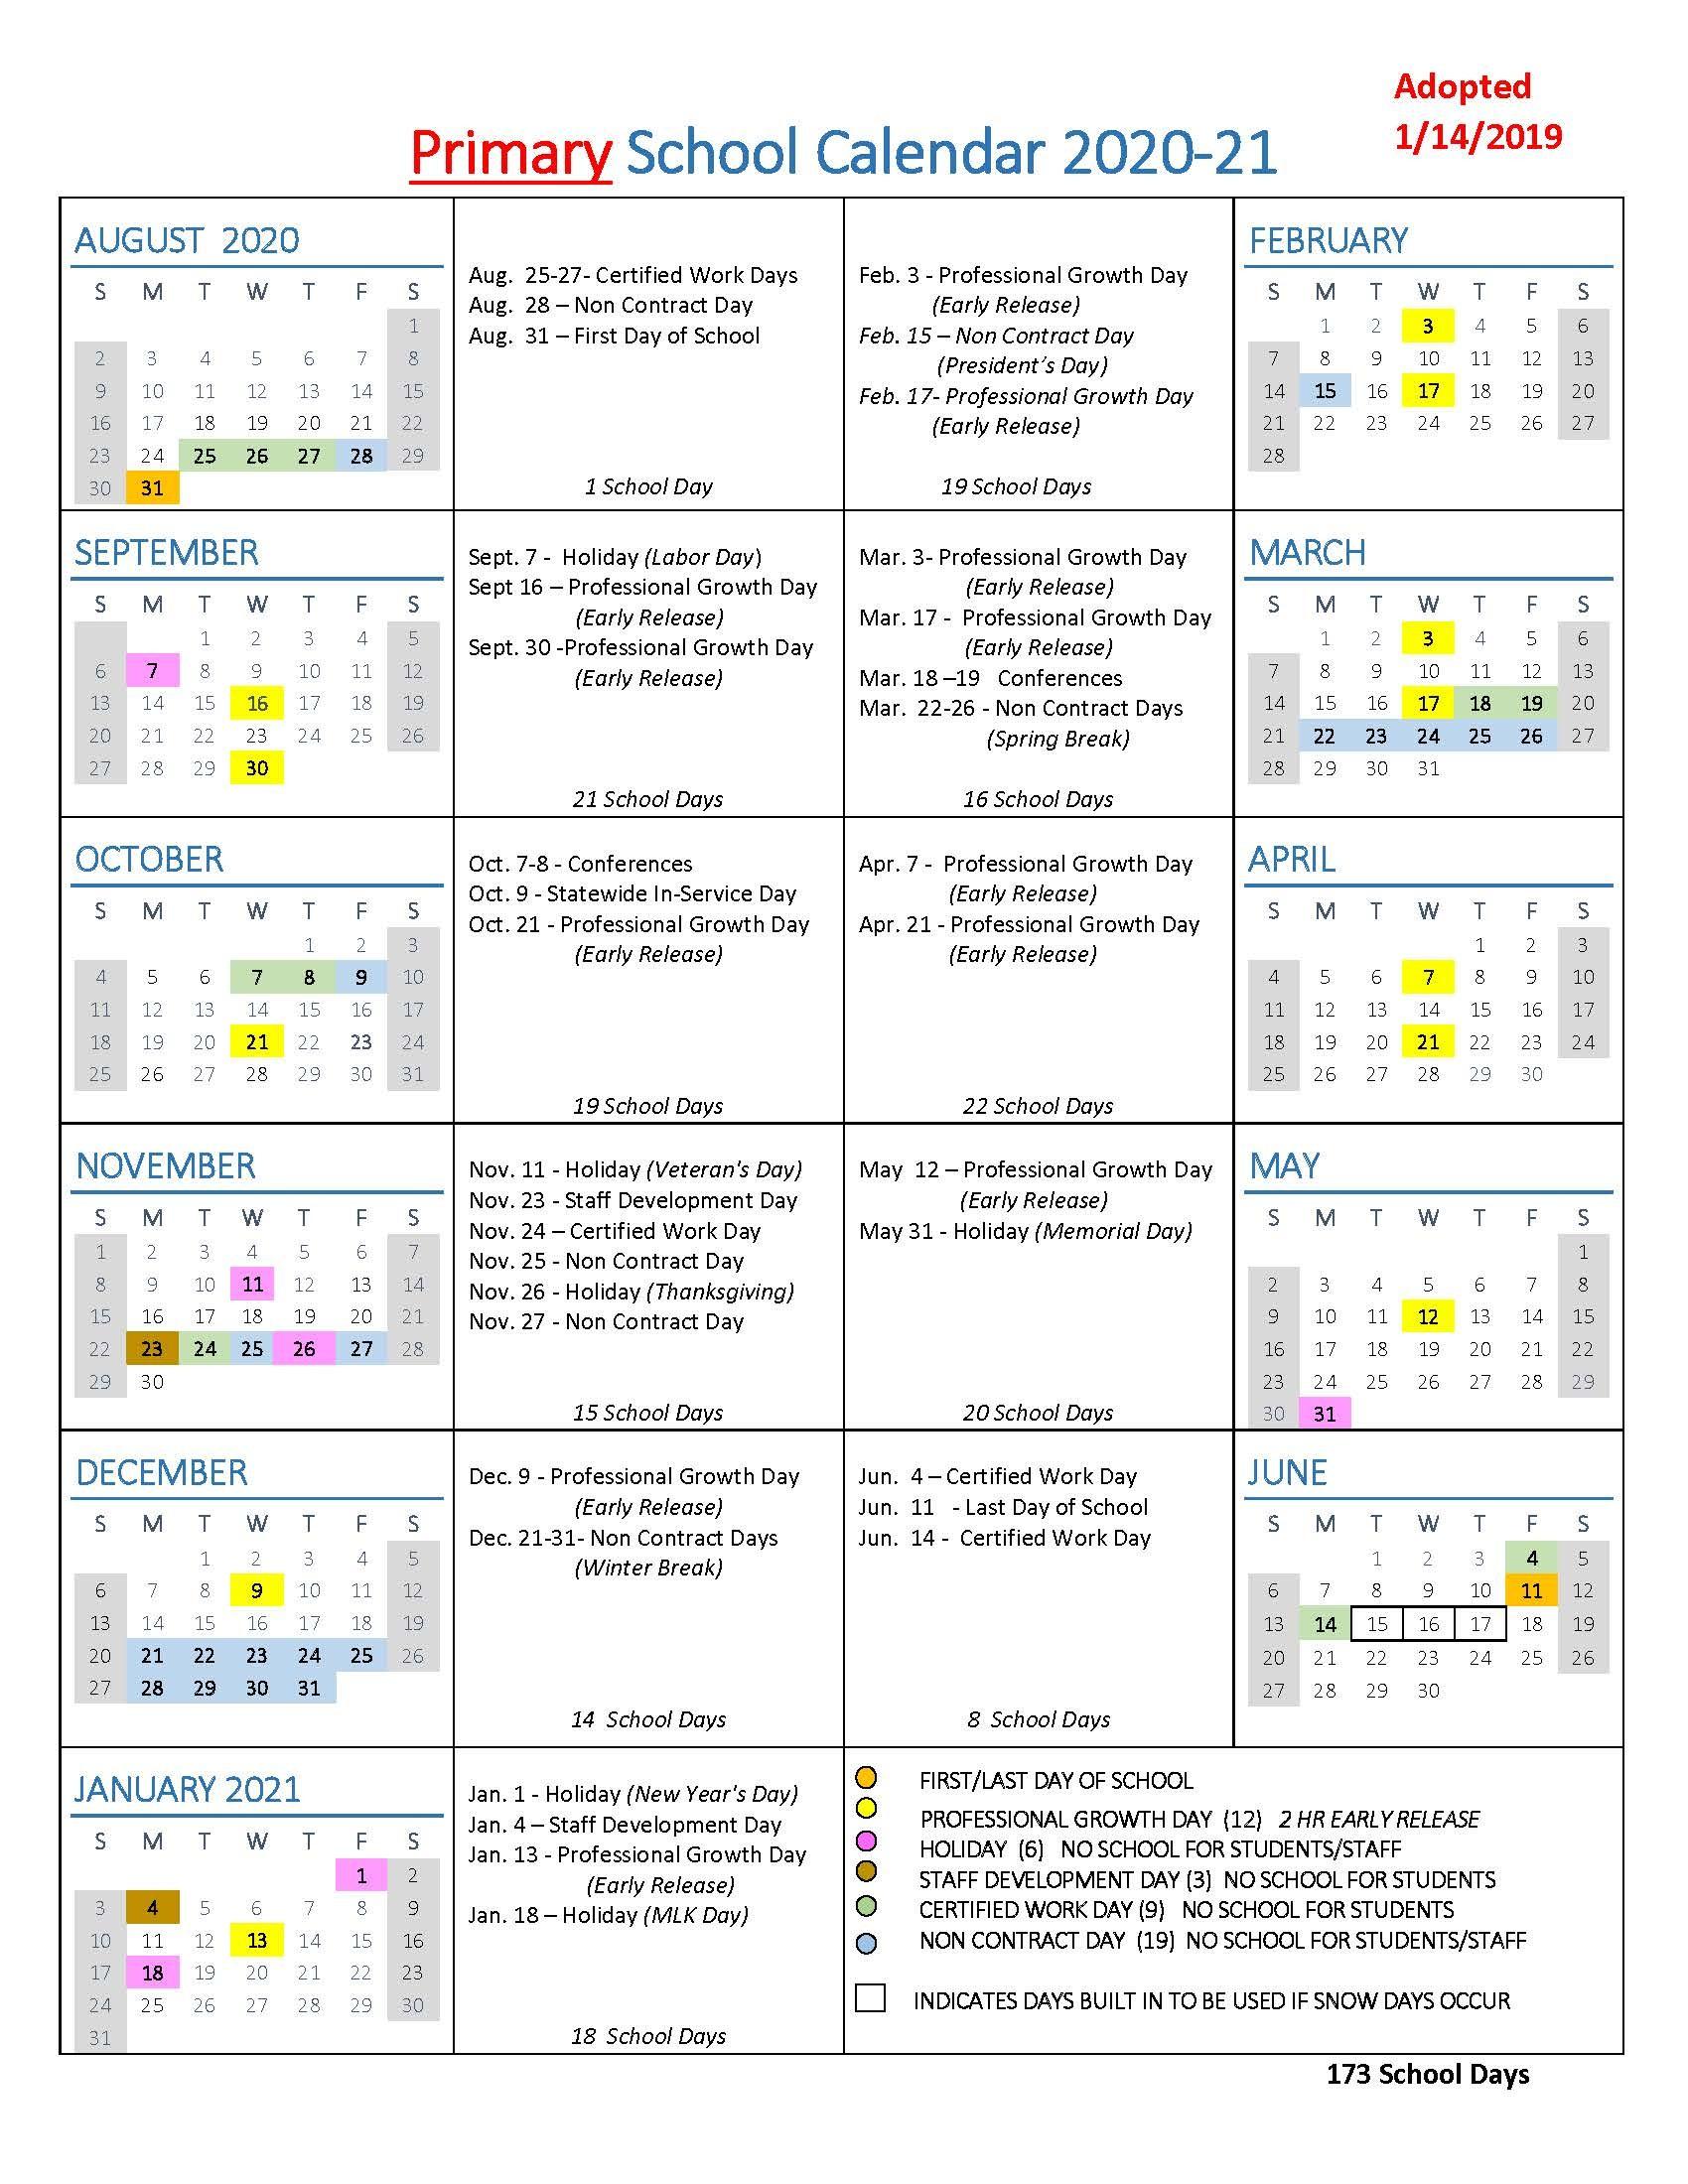 March 1 2019 Calendar Más Populares School Year Calendars School Year Calendars Of March 1 2019 Calendar Mejores Y Más Novedosos Romantyczny Kwiatowy Kalendarz Marca 2019 Ptakiem — Zdjęcie Stockowe